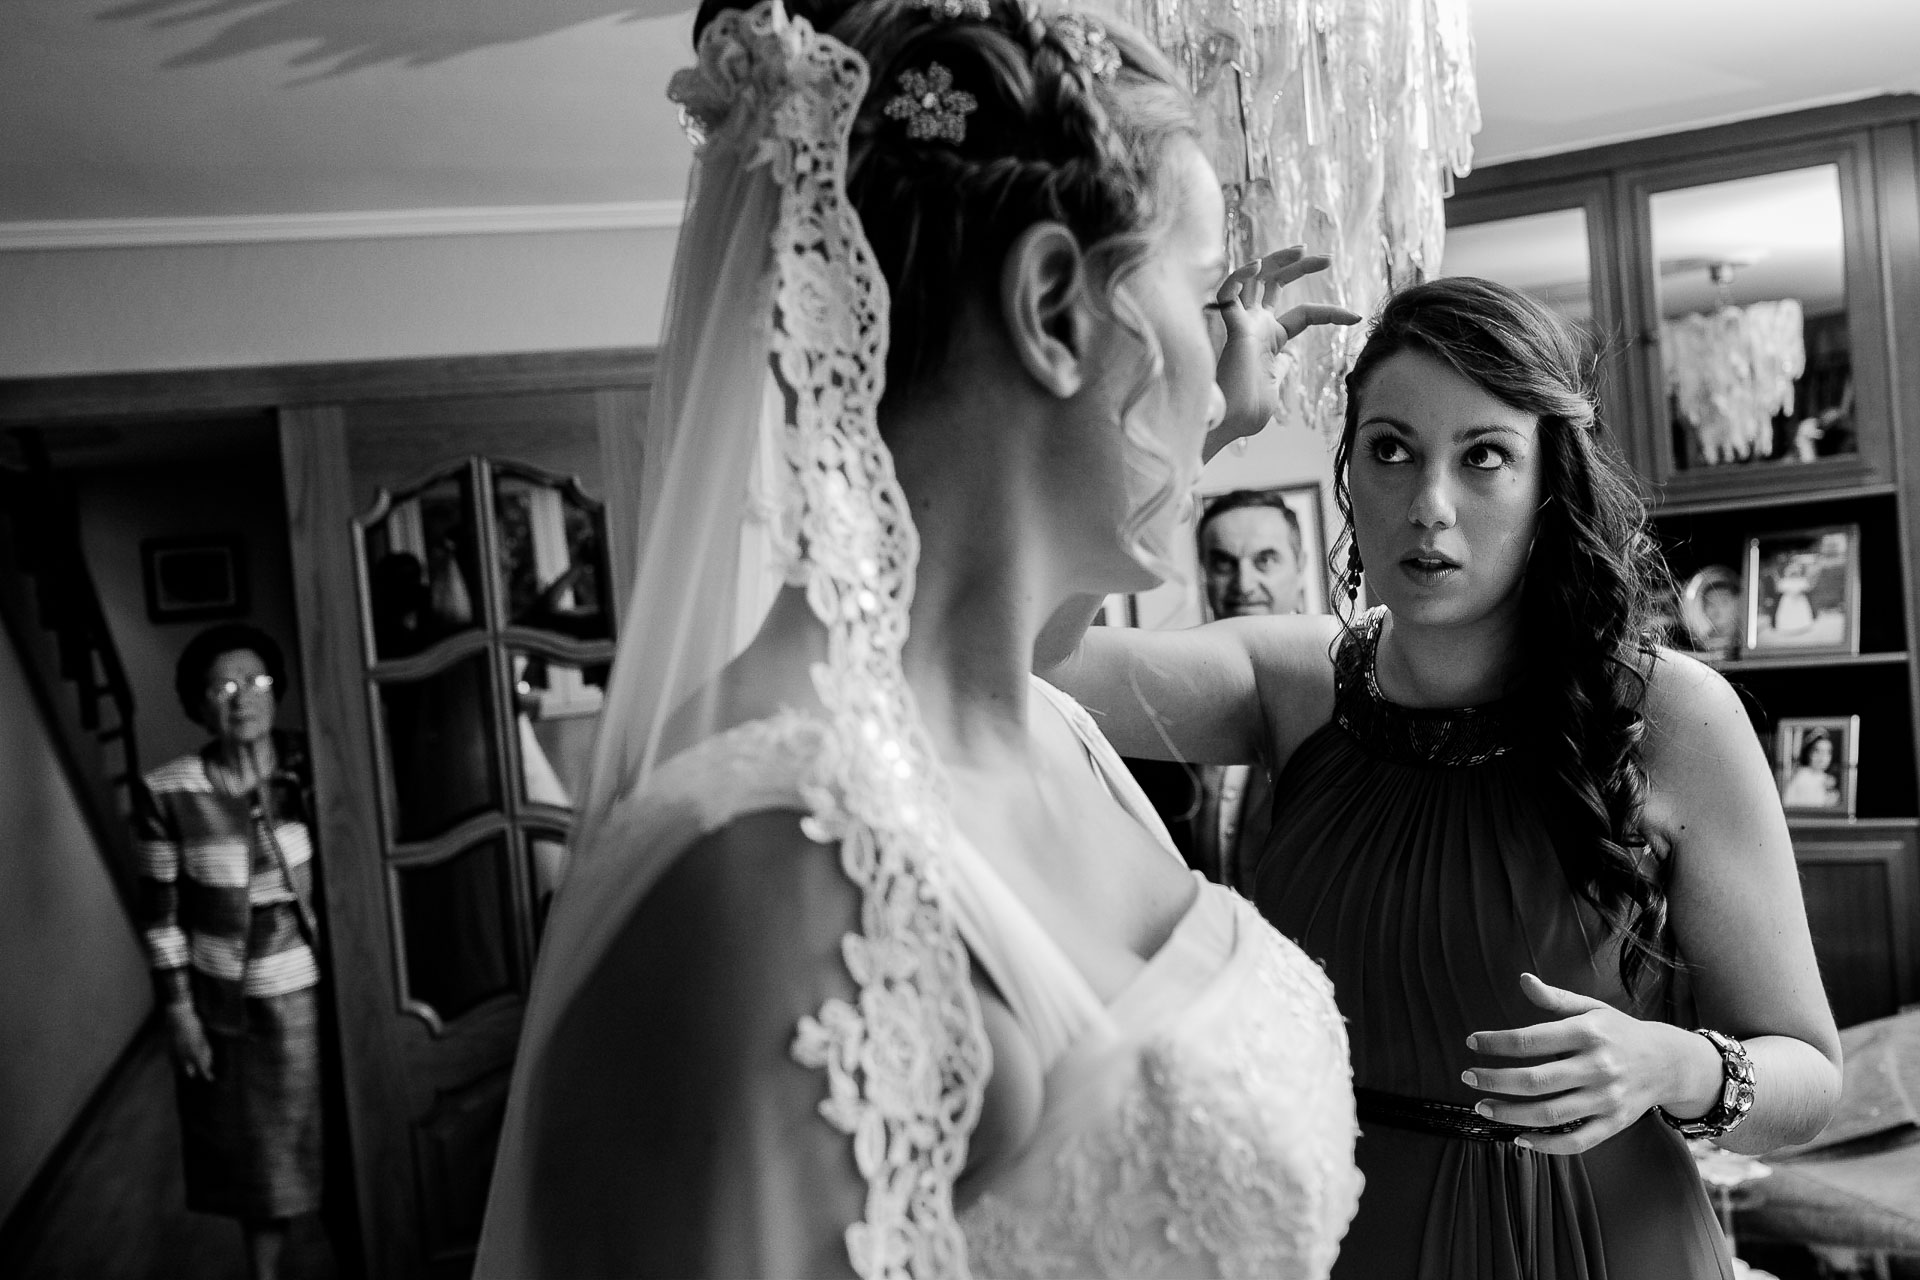 preparativos casa novia boda